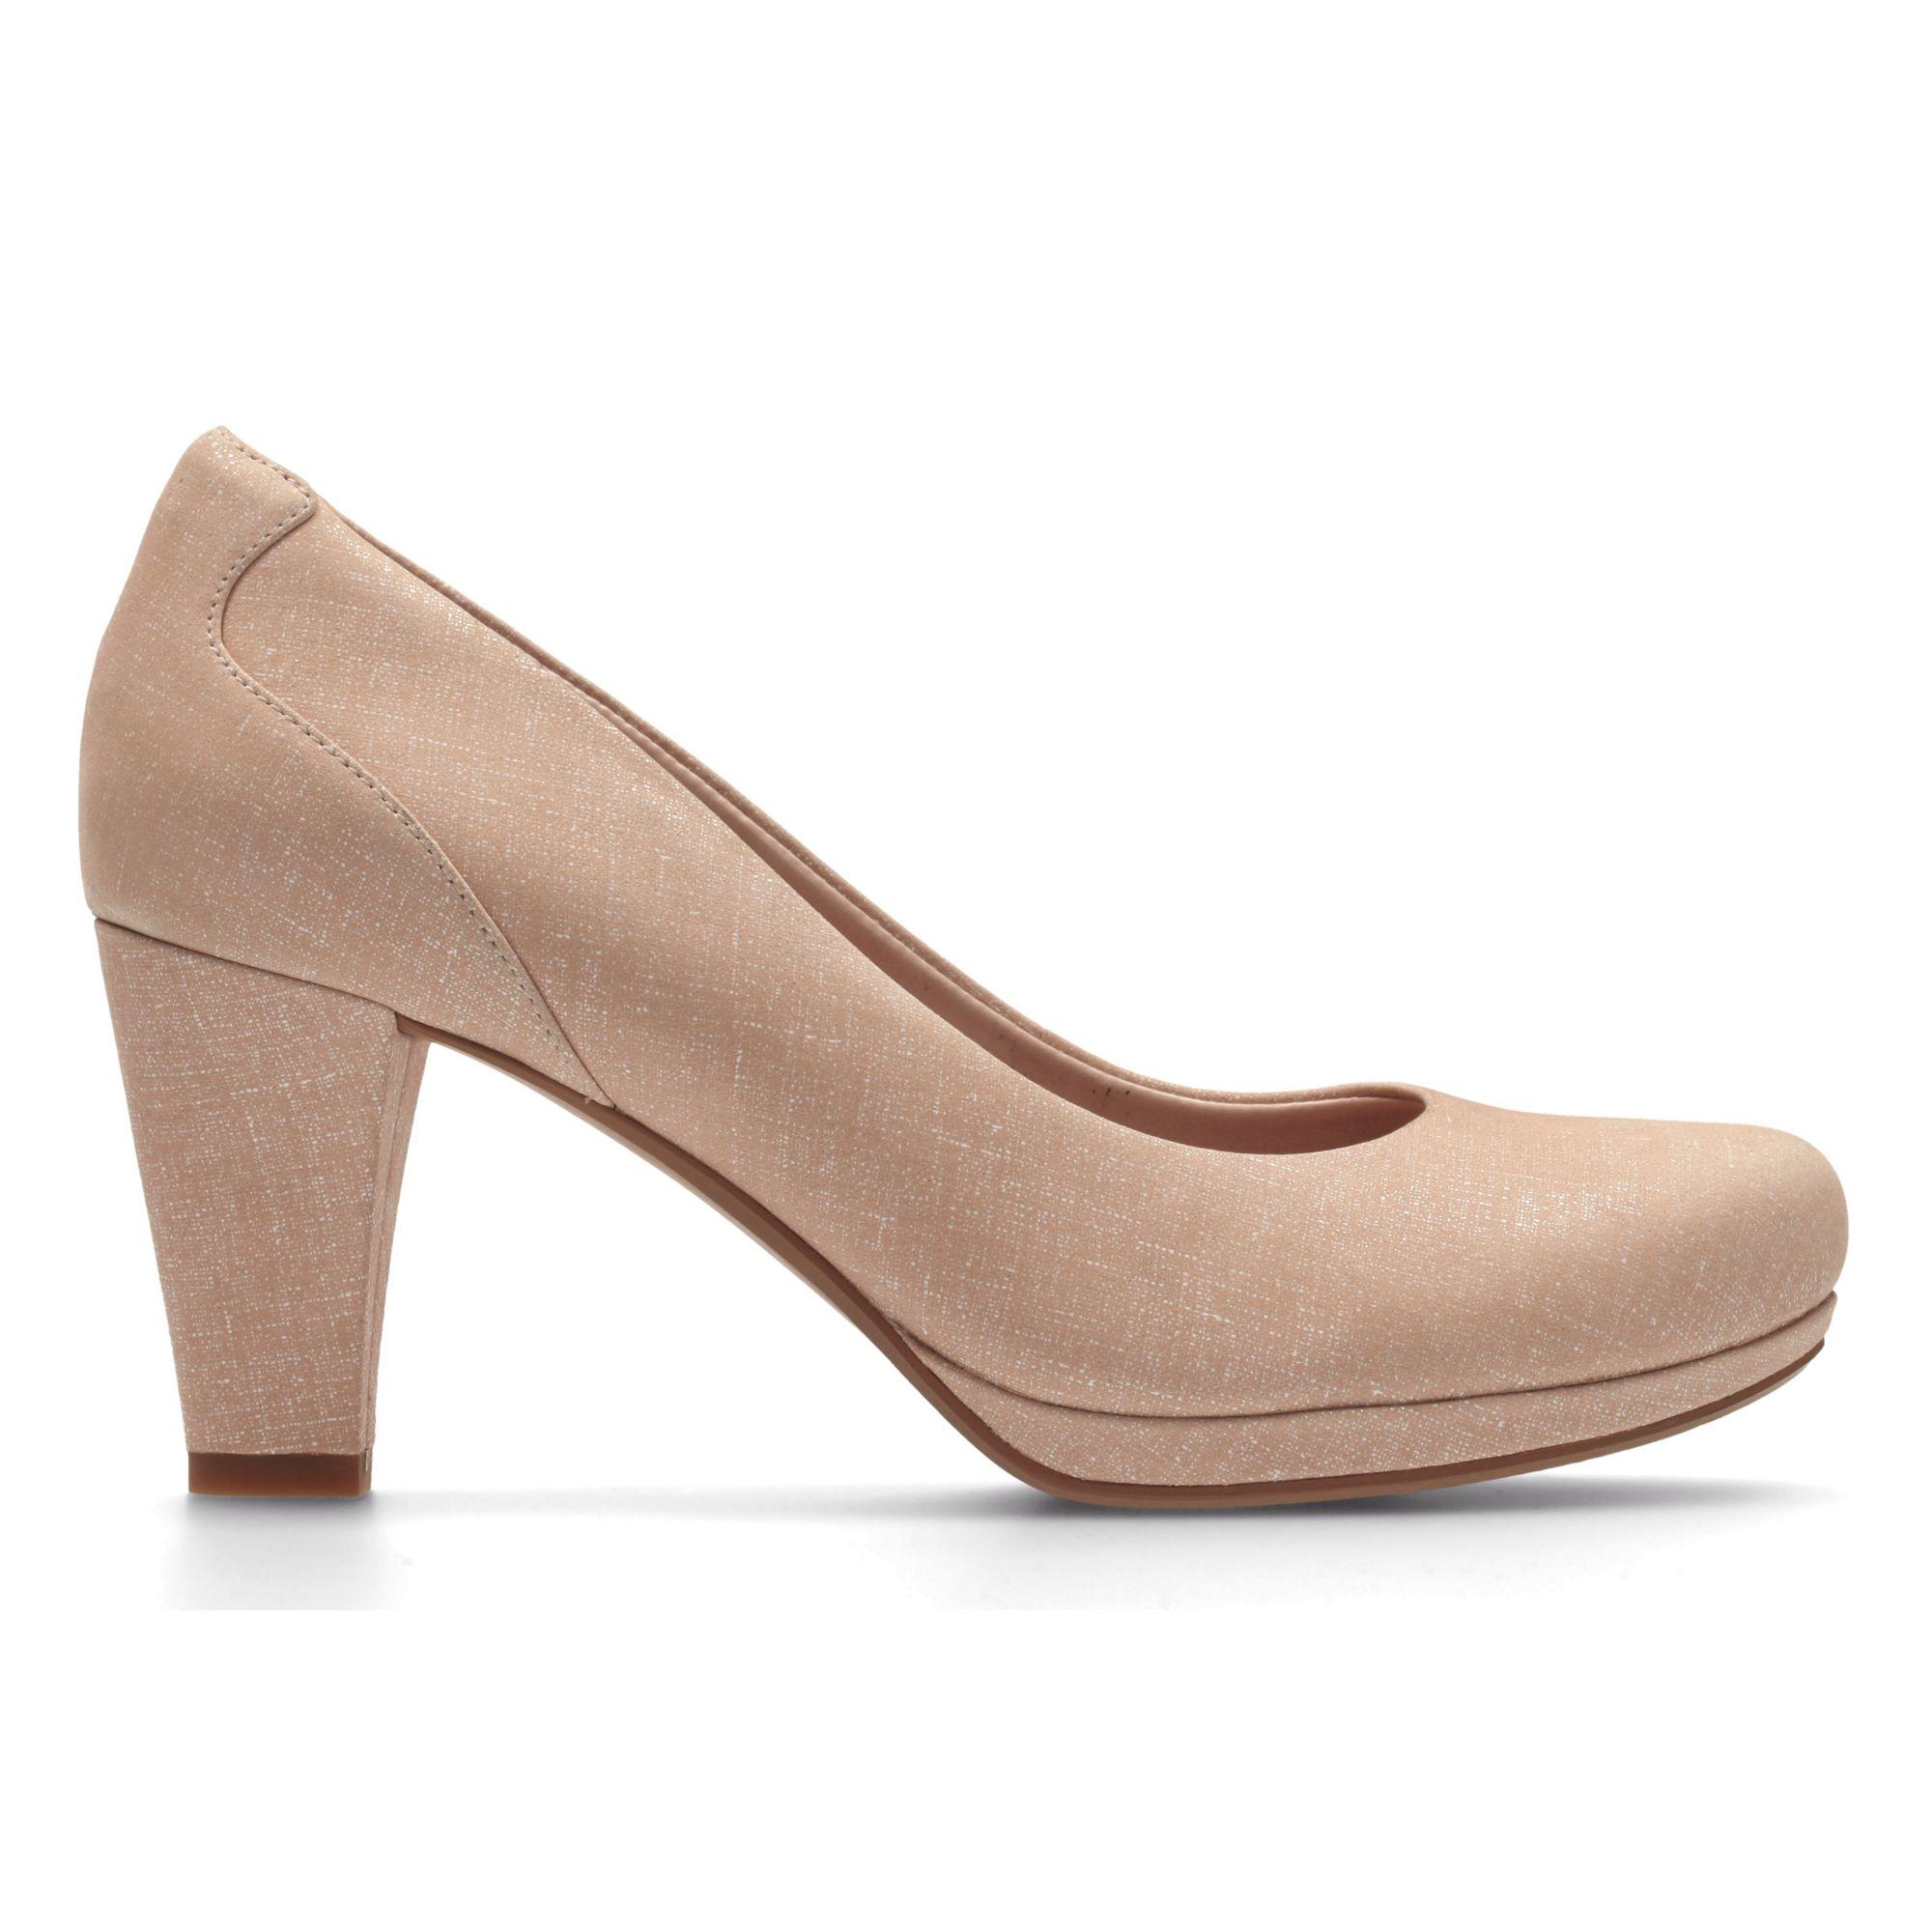 Zapatos mujer Chorus Chic: Tiendas Notizalia